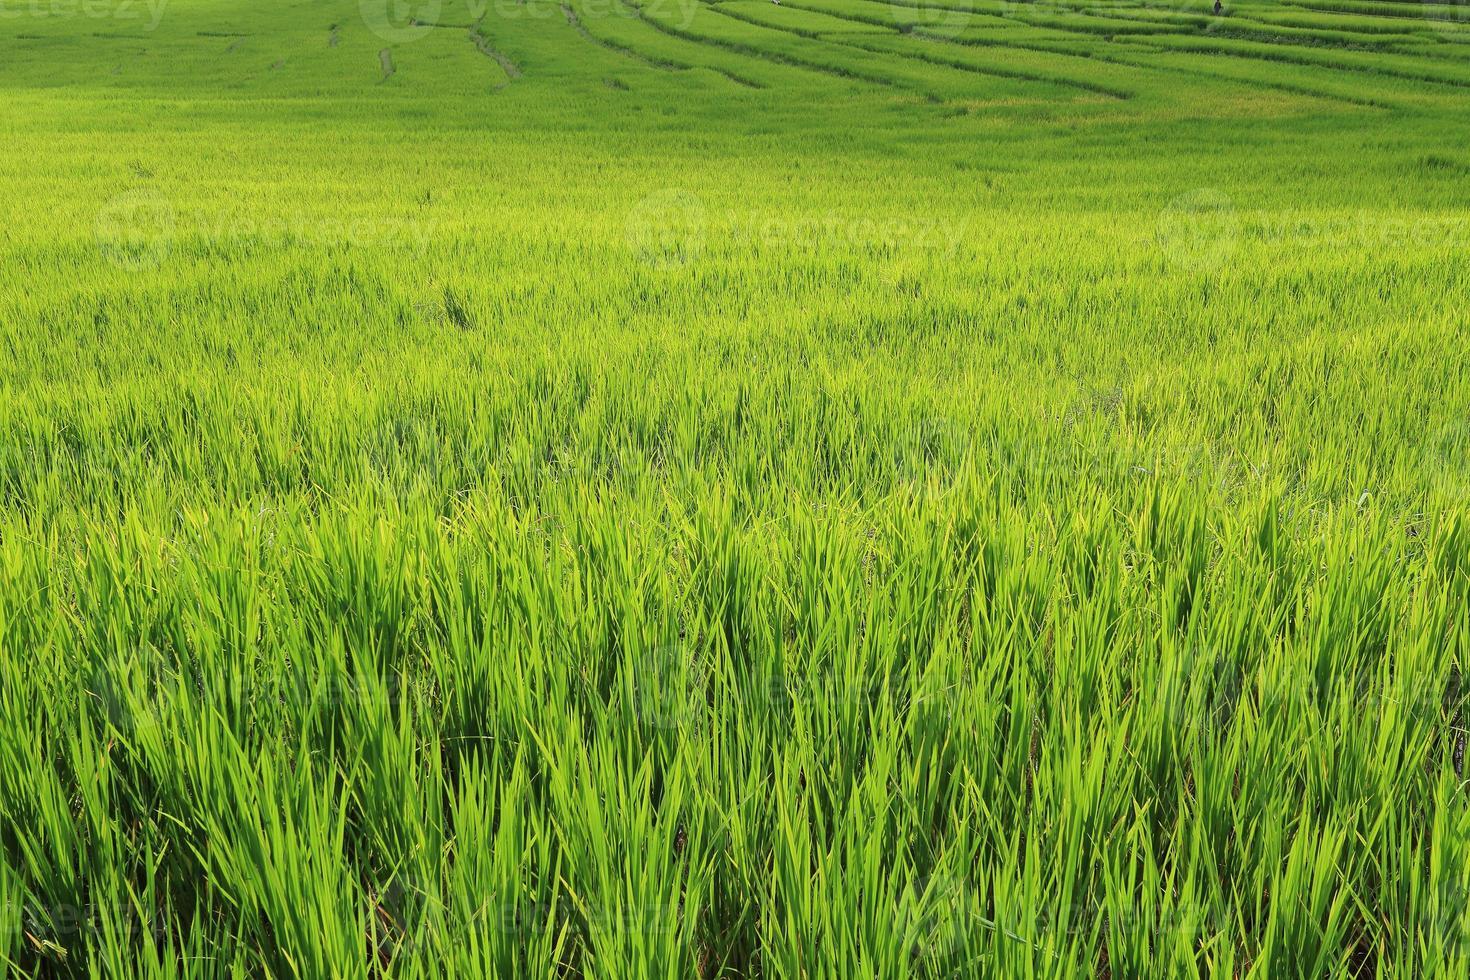 terrazza campi di riso verdi della stagione agricola foto